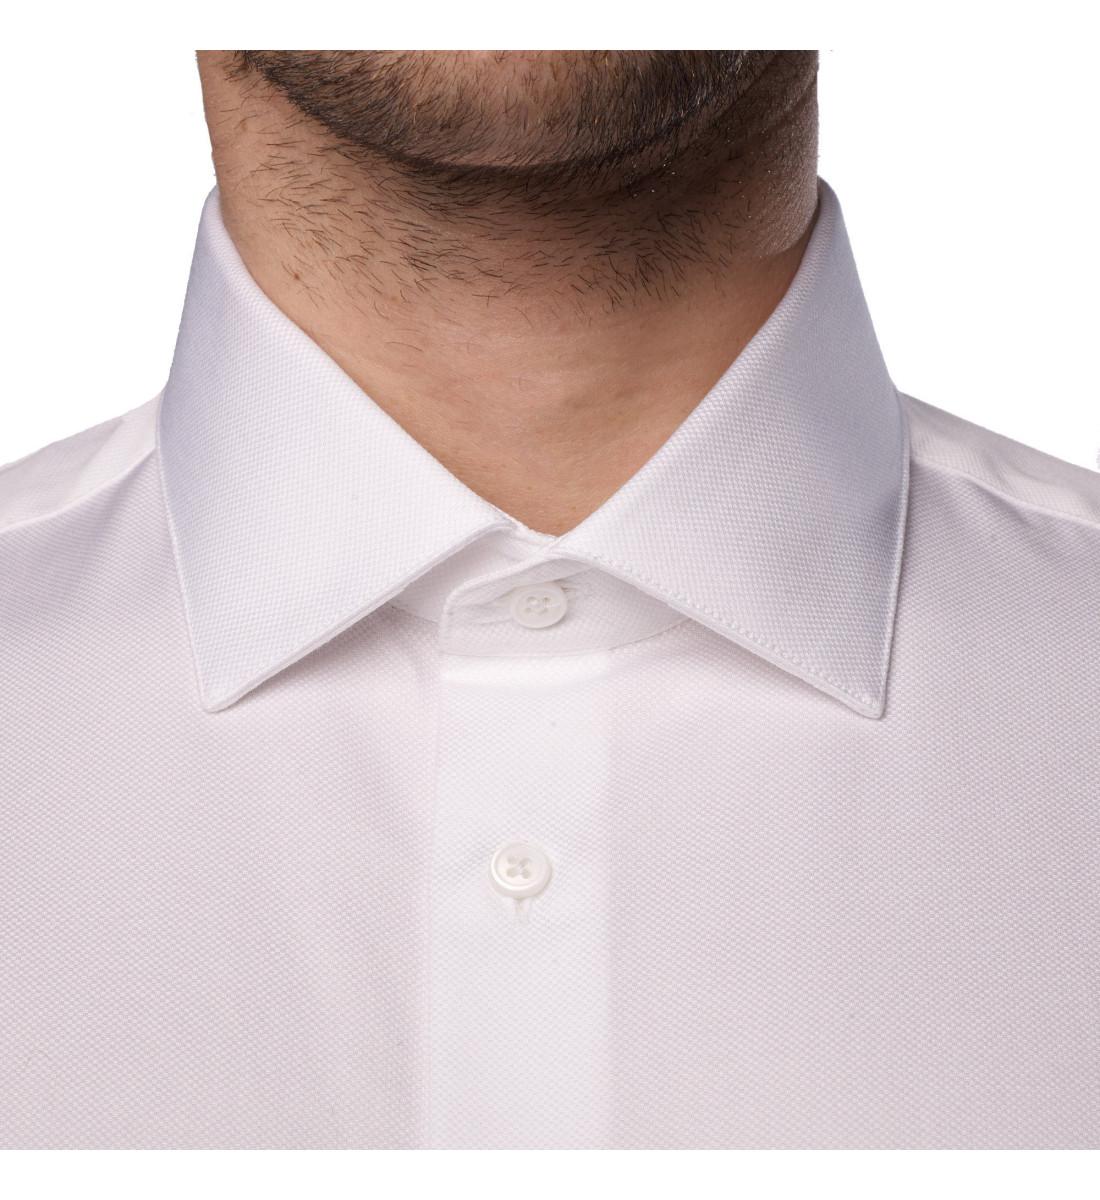 Chemise ajustée blanche petit col italien